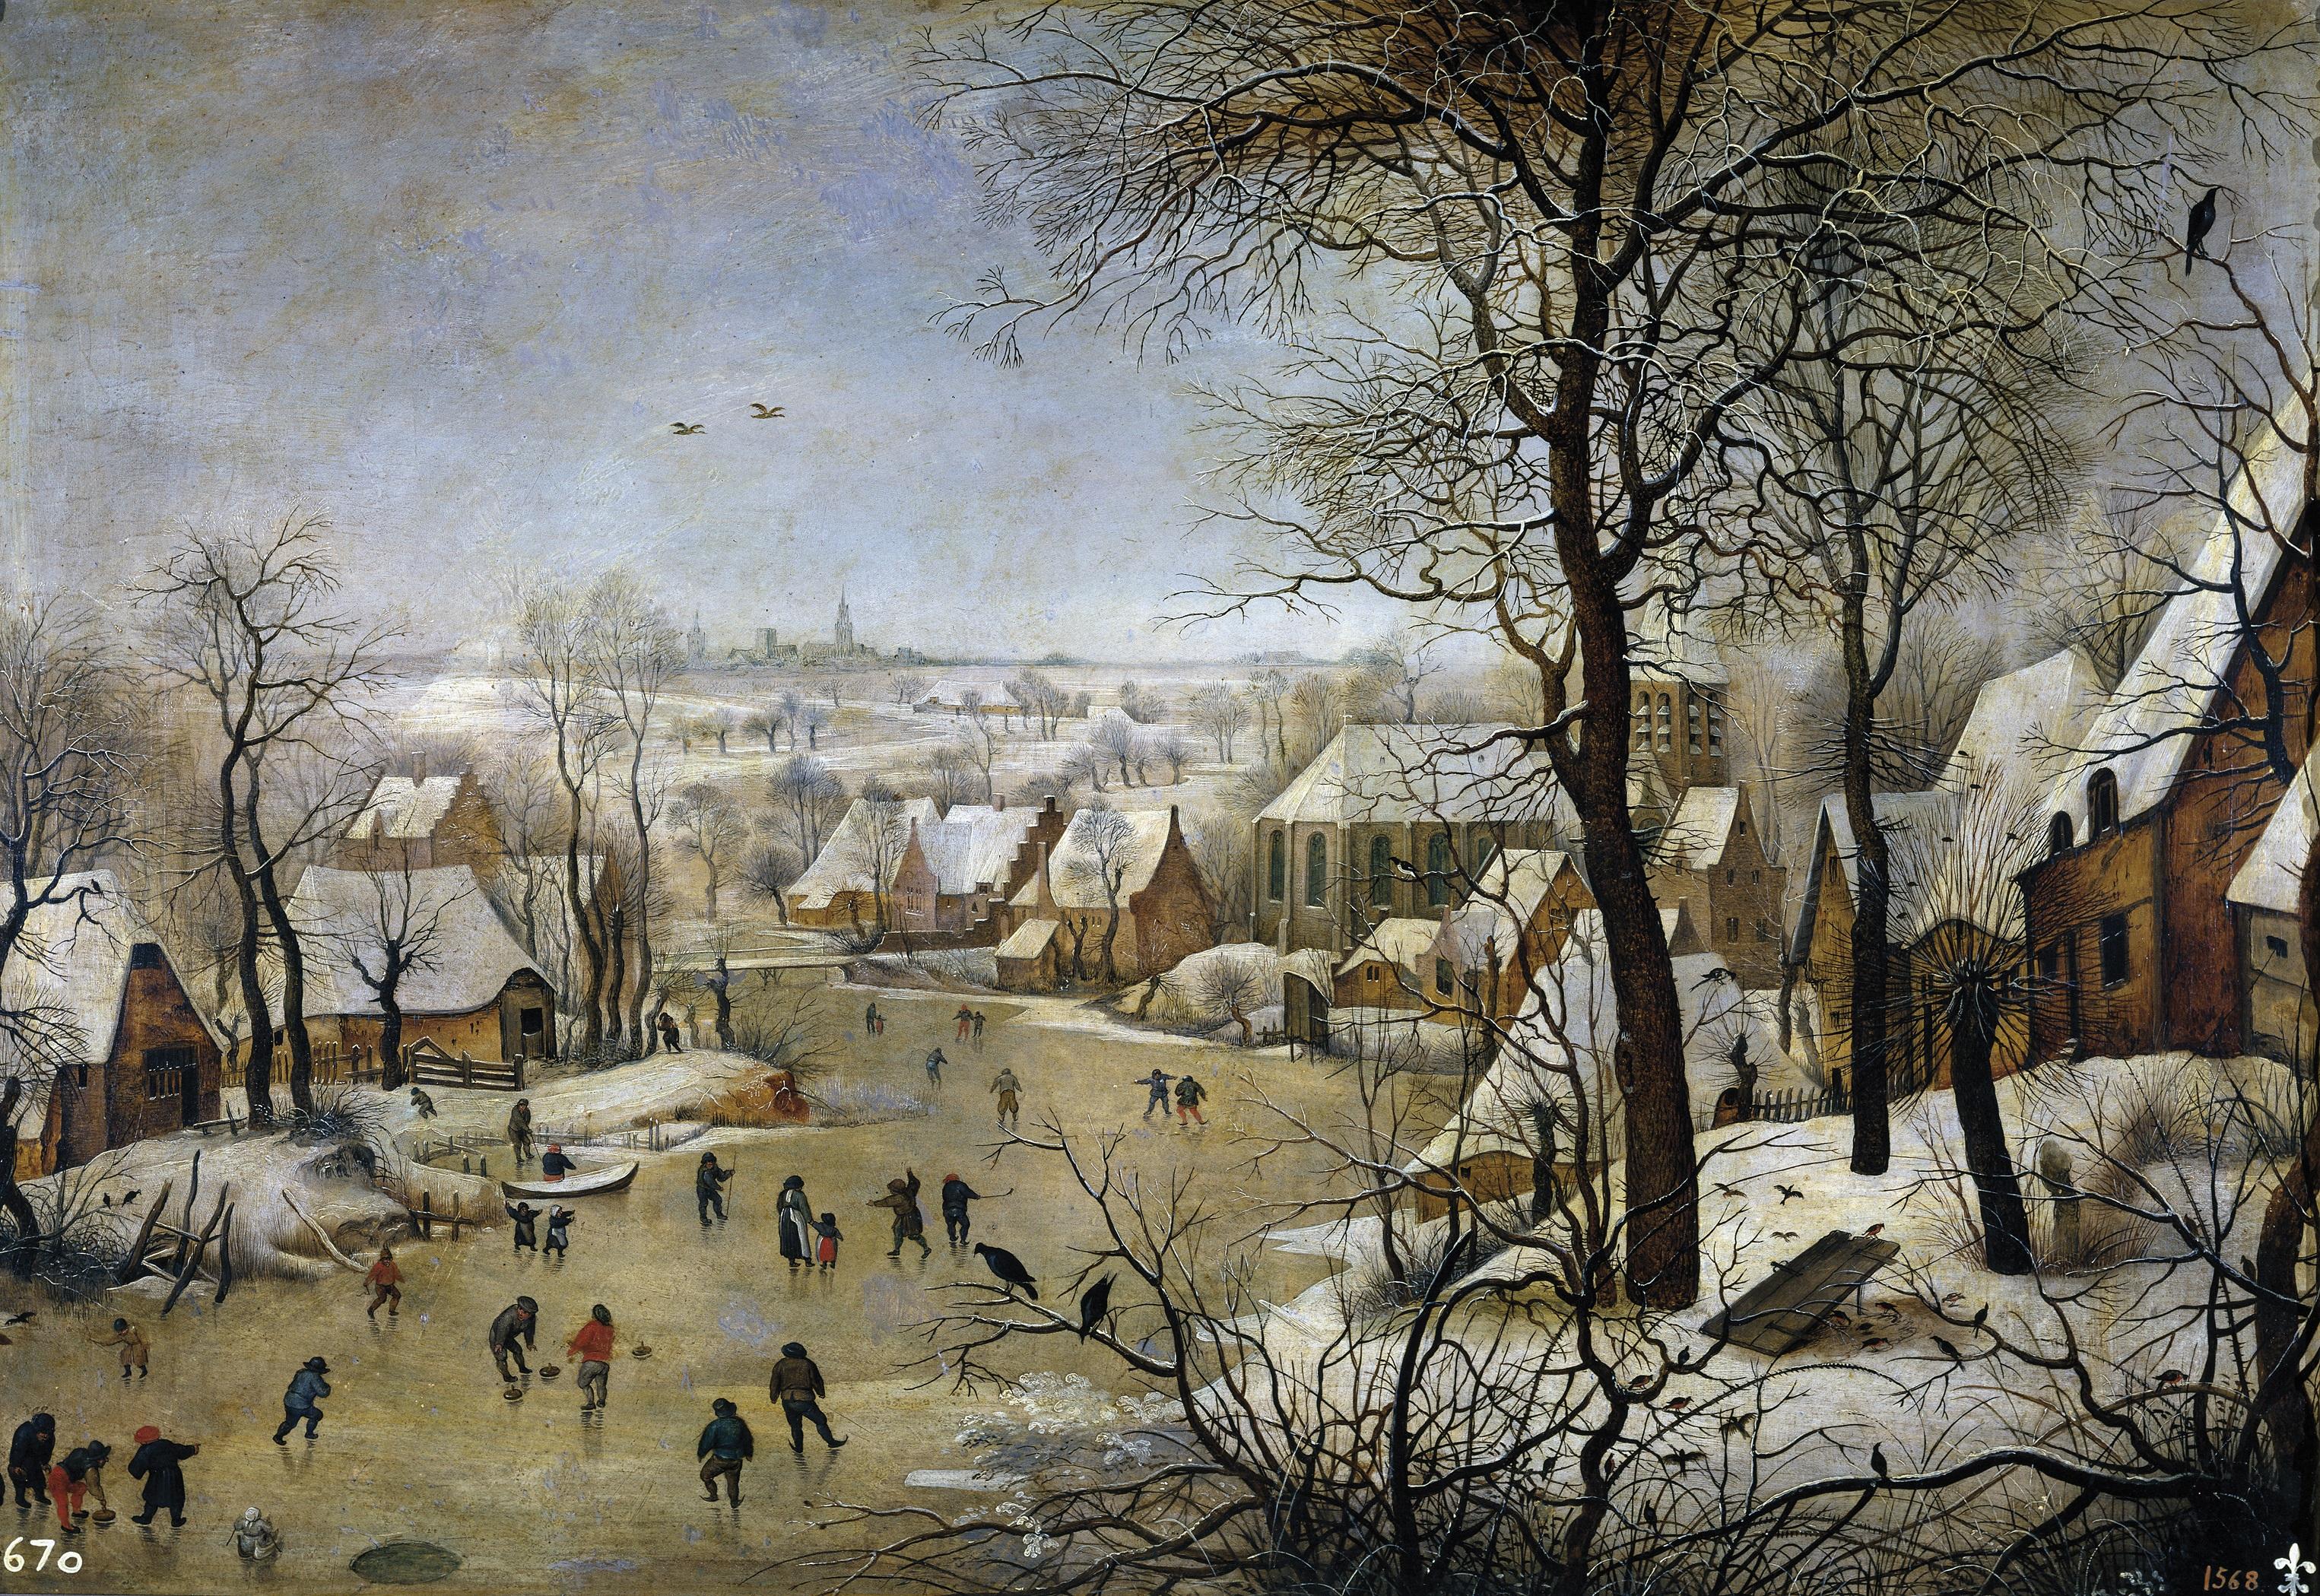 Résultats de recherche d'images pour «winter scene bruegel»